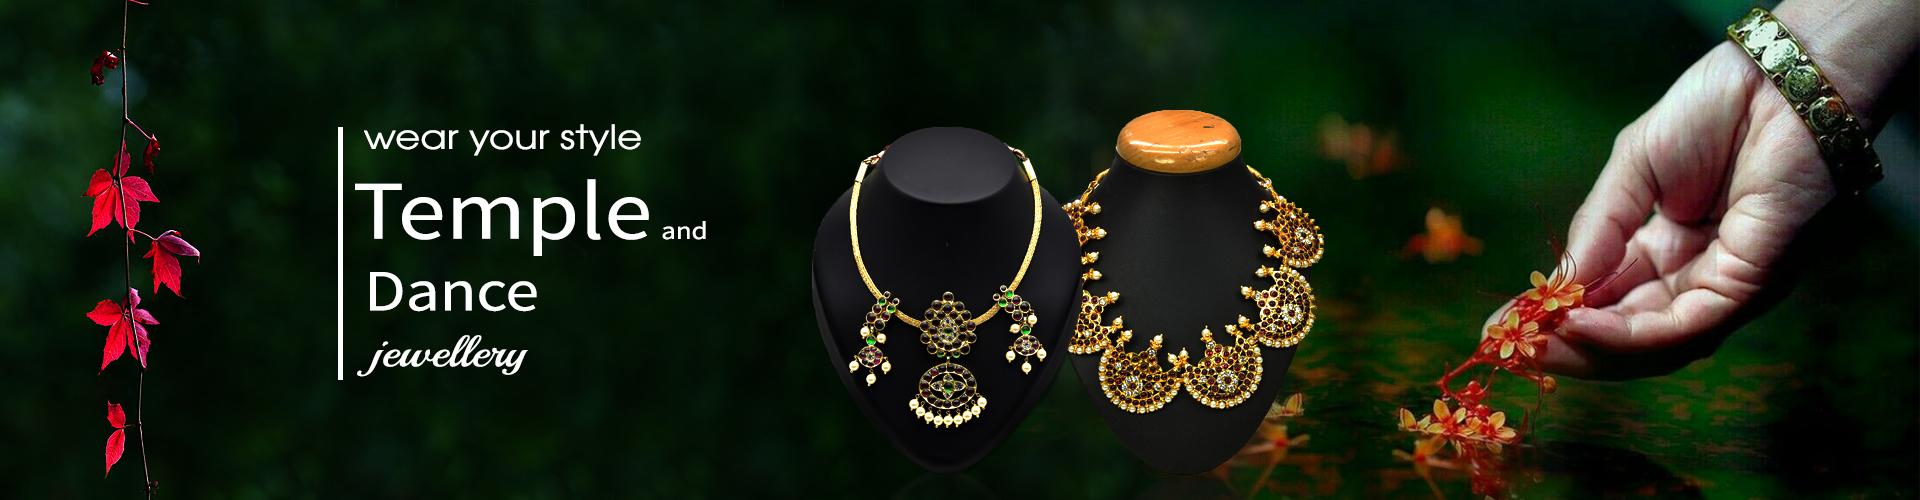 Temple & Dance jewellery